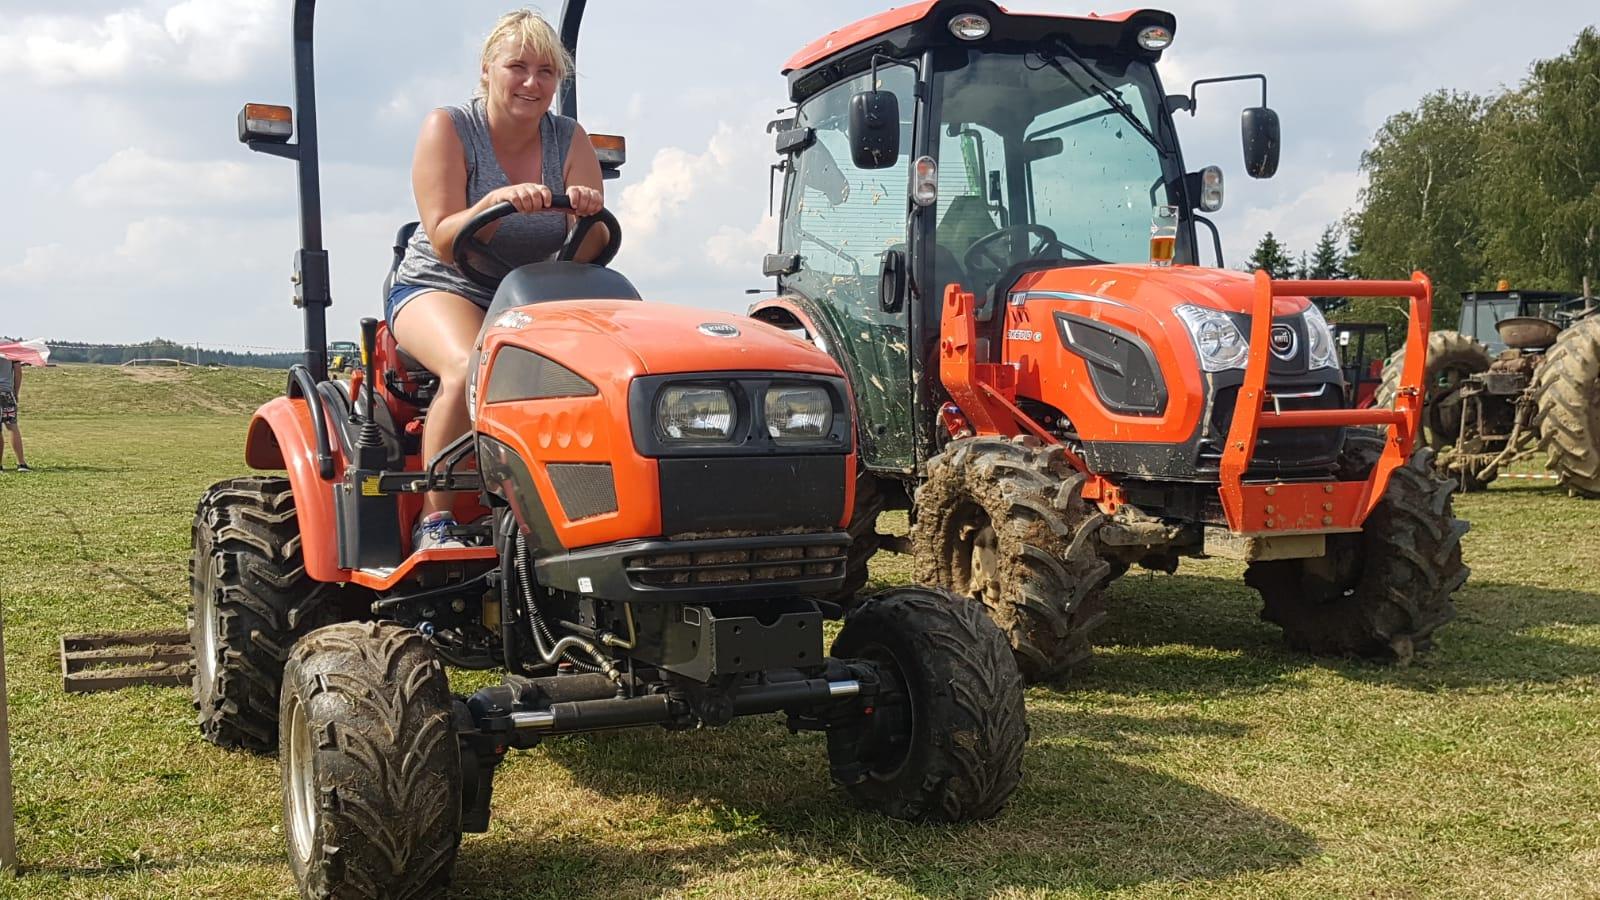 Traktor-Kioti-CK22-a-Ktraktor-Kioti-DK6010.jpeg